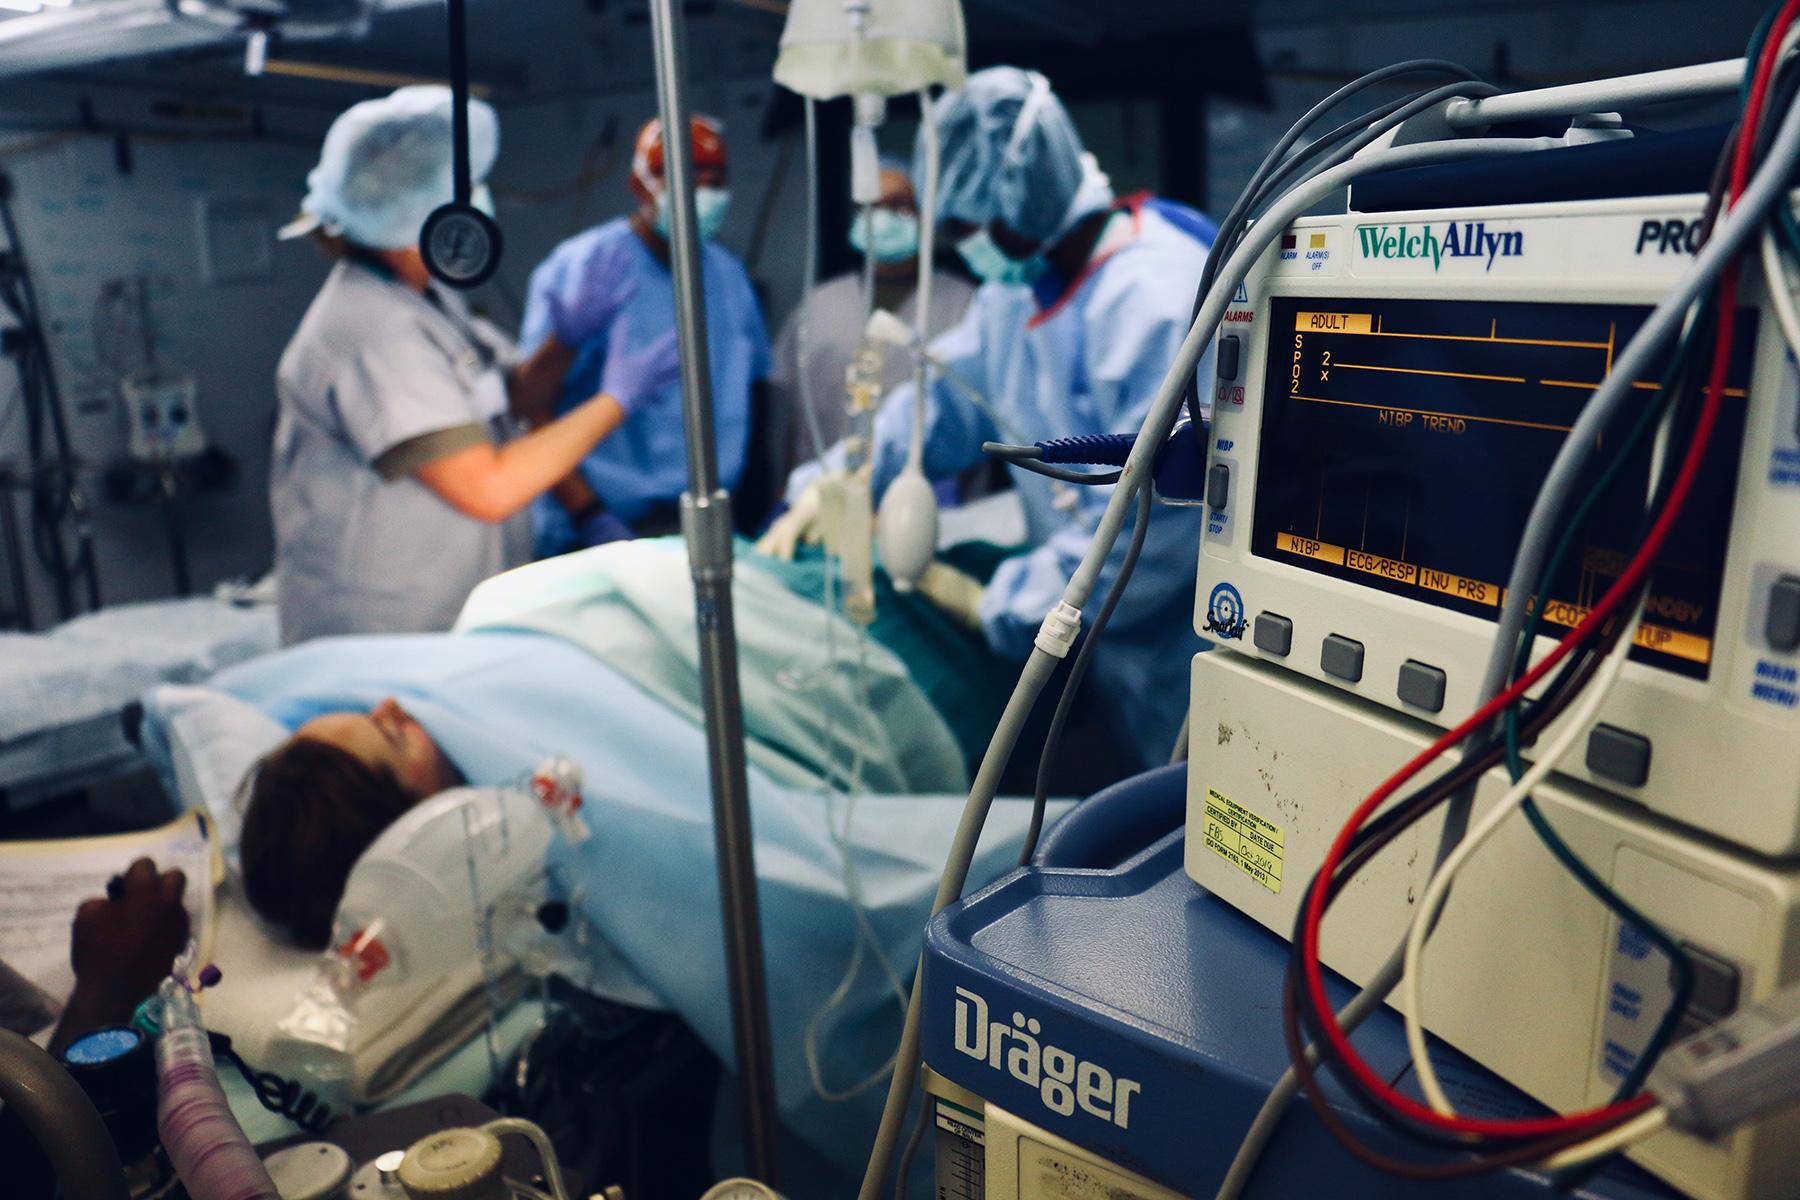 Surgery patient